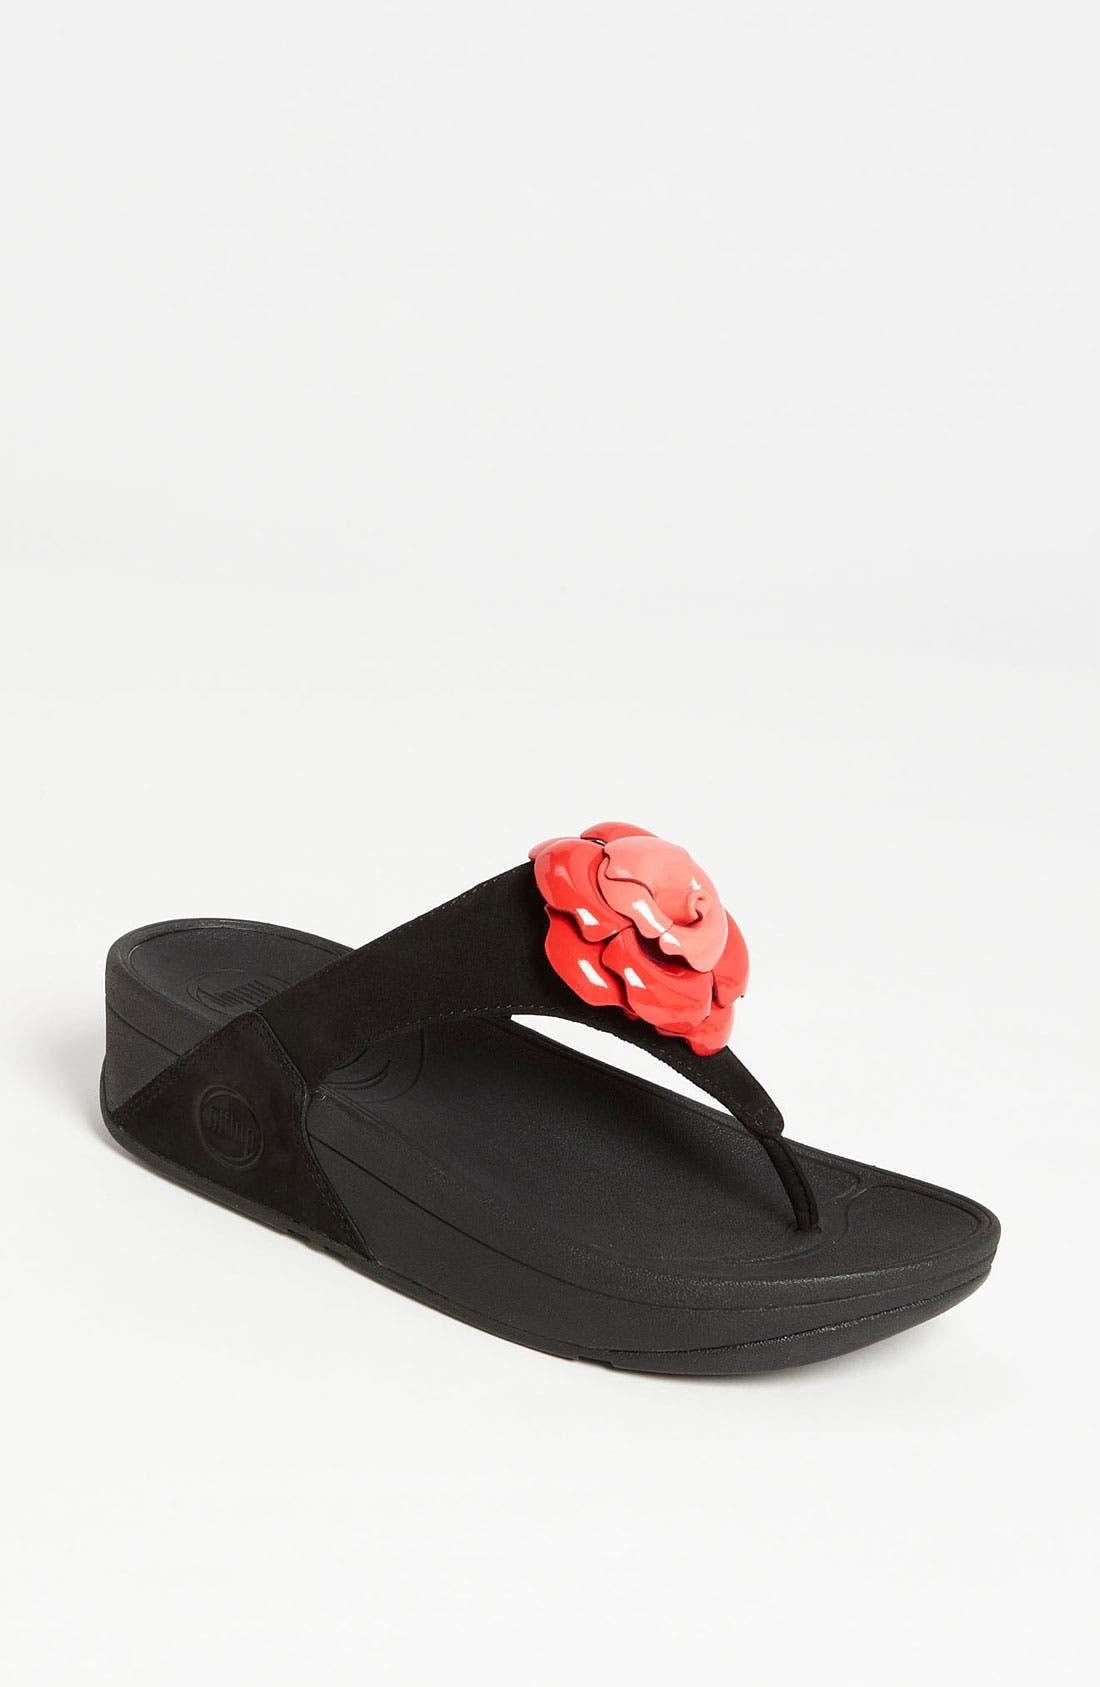 Alternate Image 1 Selected - FitFlop 'Florent' Sandal